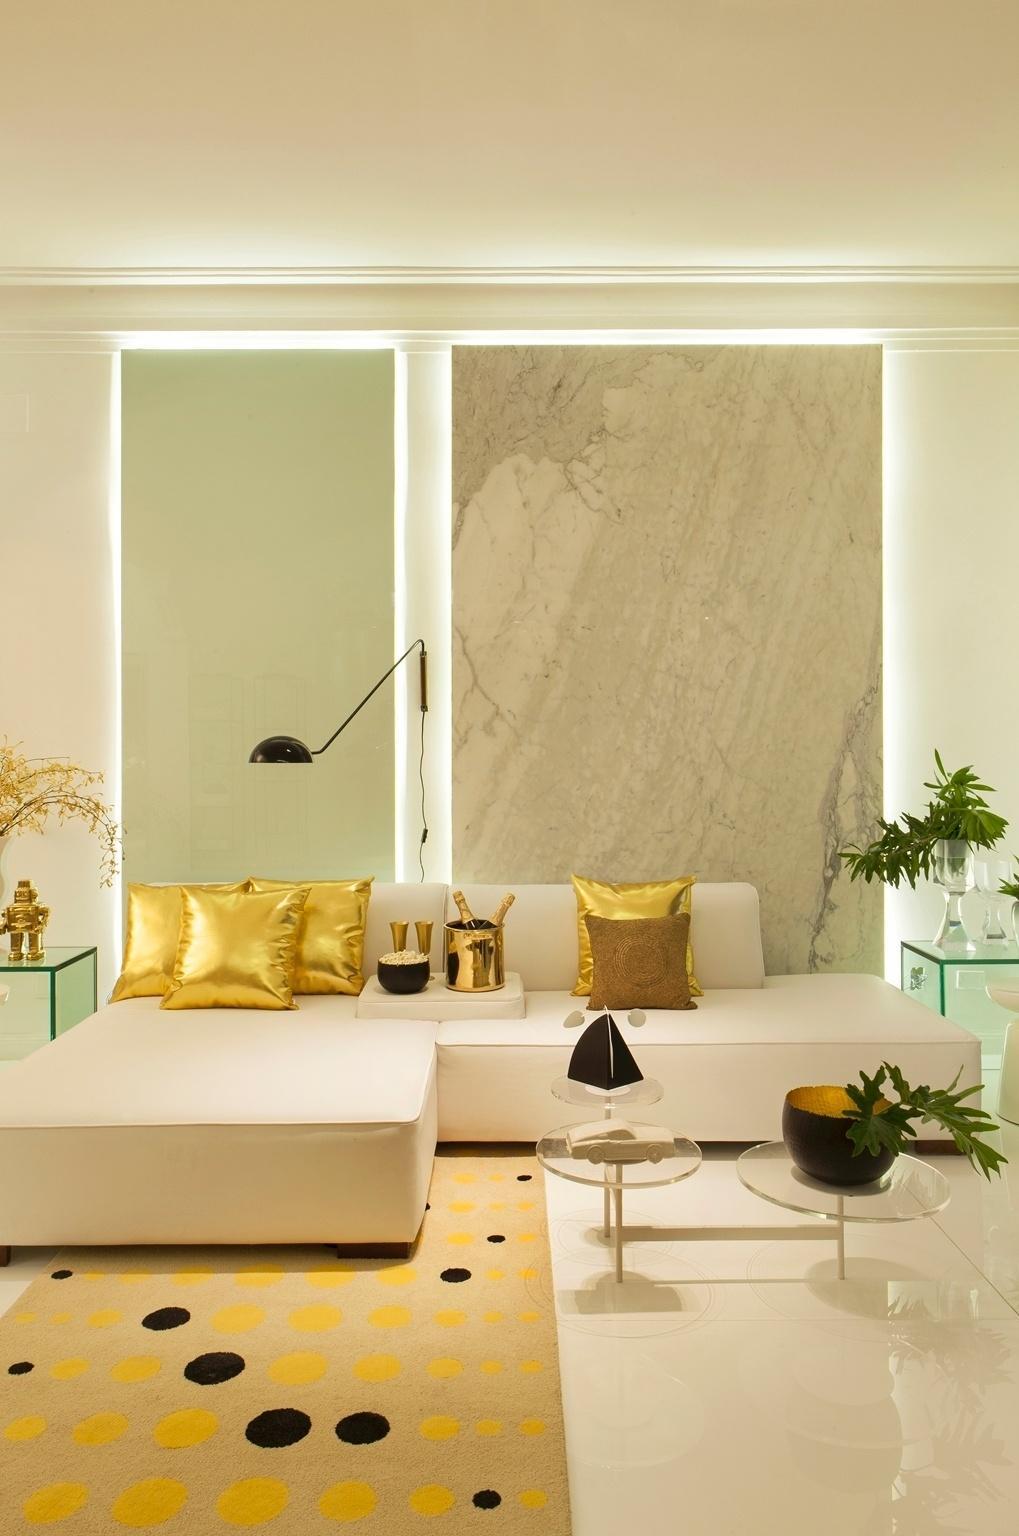 Casa Cor PE - 2016: Sandra Brandão apostou na ousada combinação de elementos em branco, dourado e preto para criar o Estar do Saber. O equilíbrio vem das mesas laterais em vidro e da mesa de centro em acrílico transparente, que dão a leveza necessária à composição